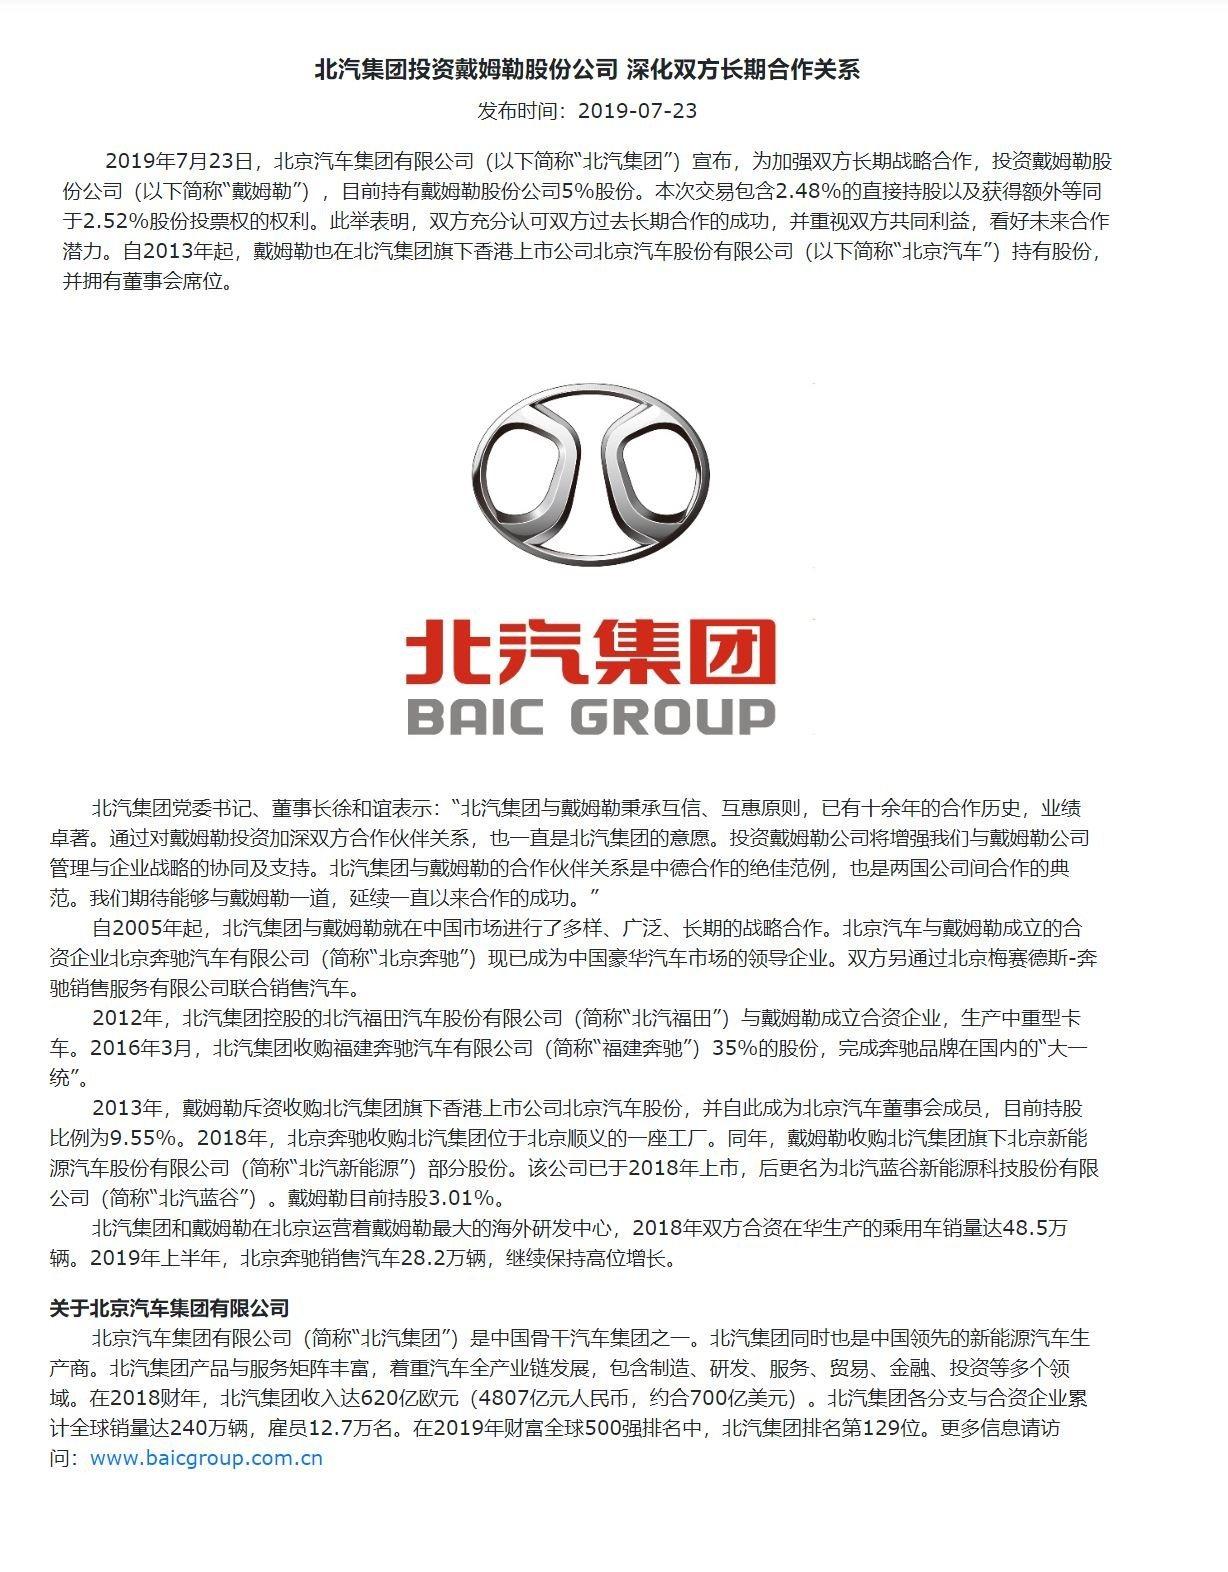 圖/北汽集團官網